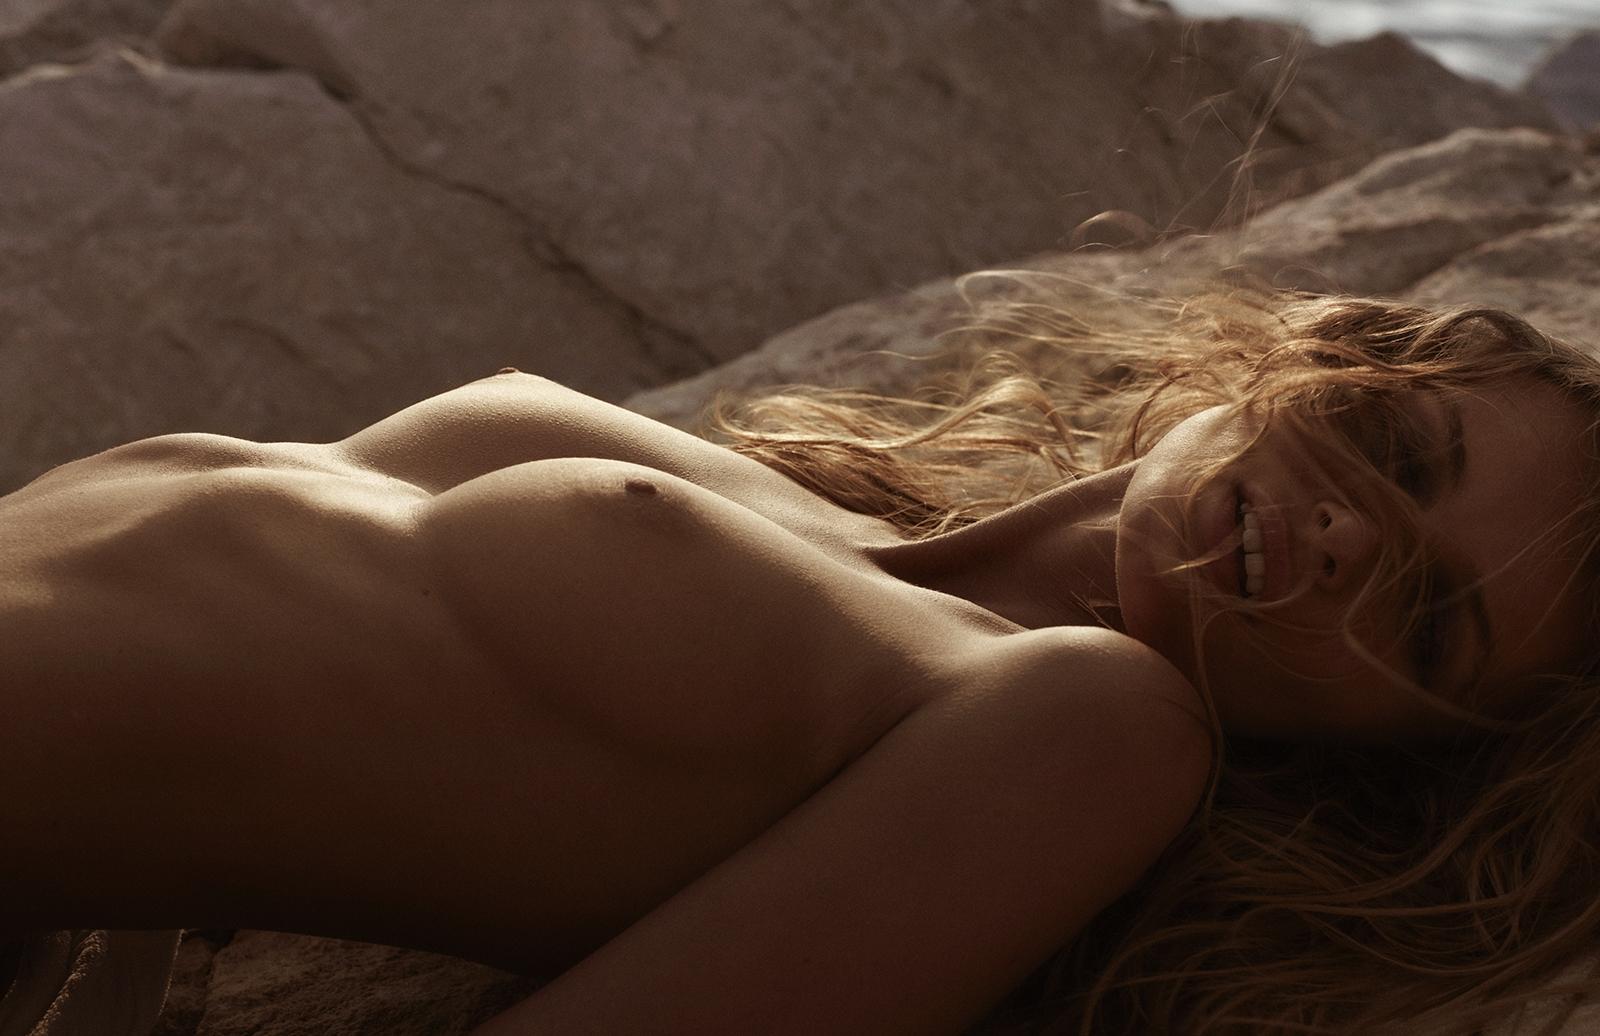 Nude xe pornos clip